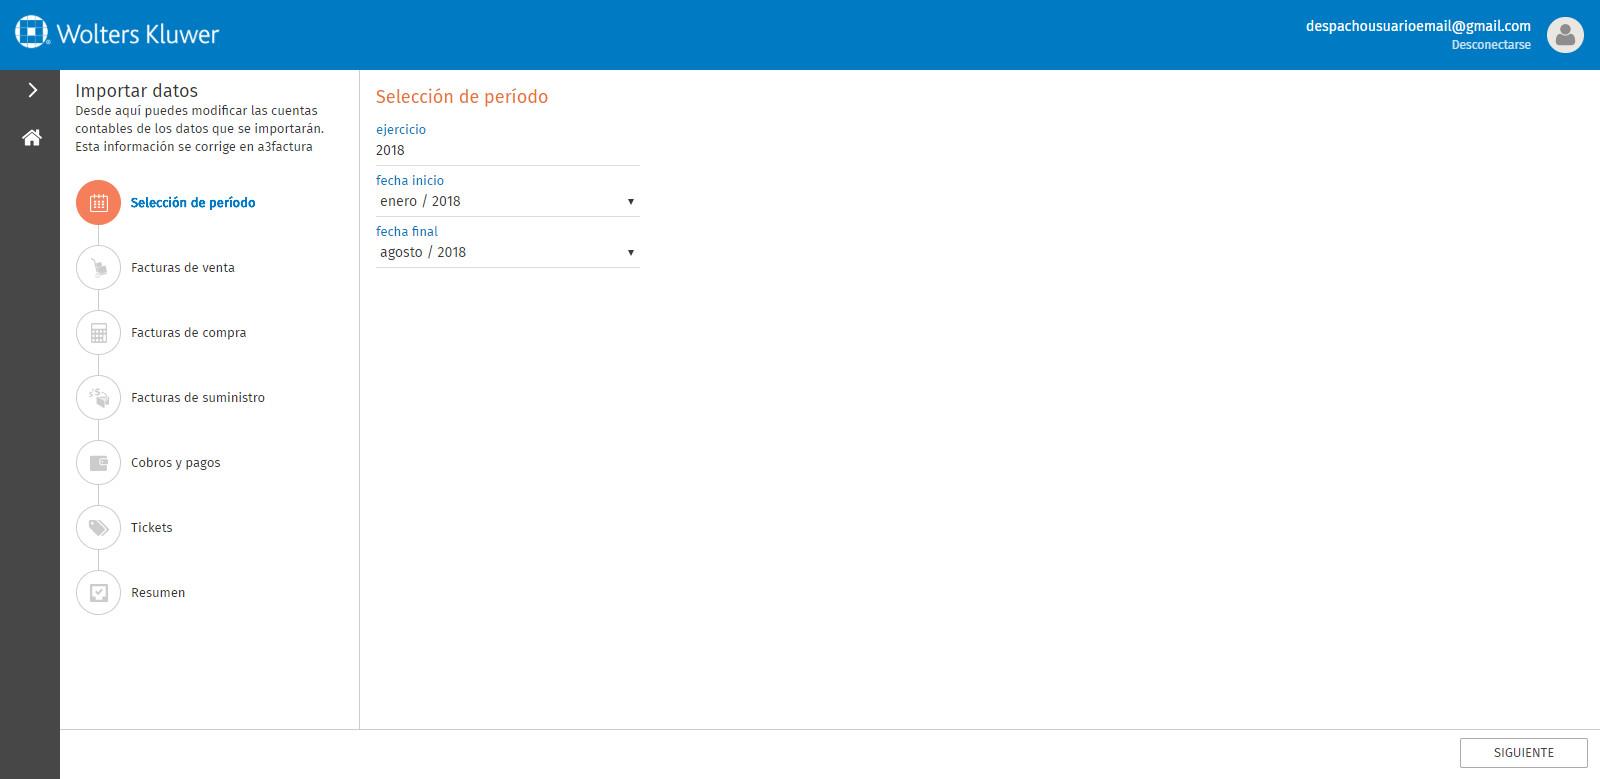 Portal a3factura Importar datos Seleccionar periodo